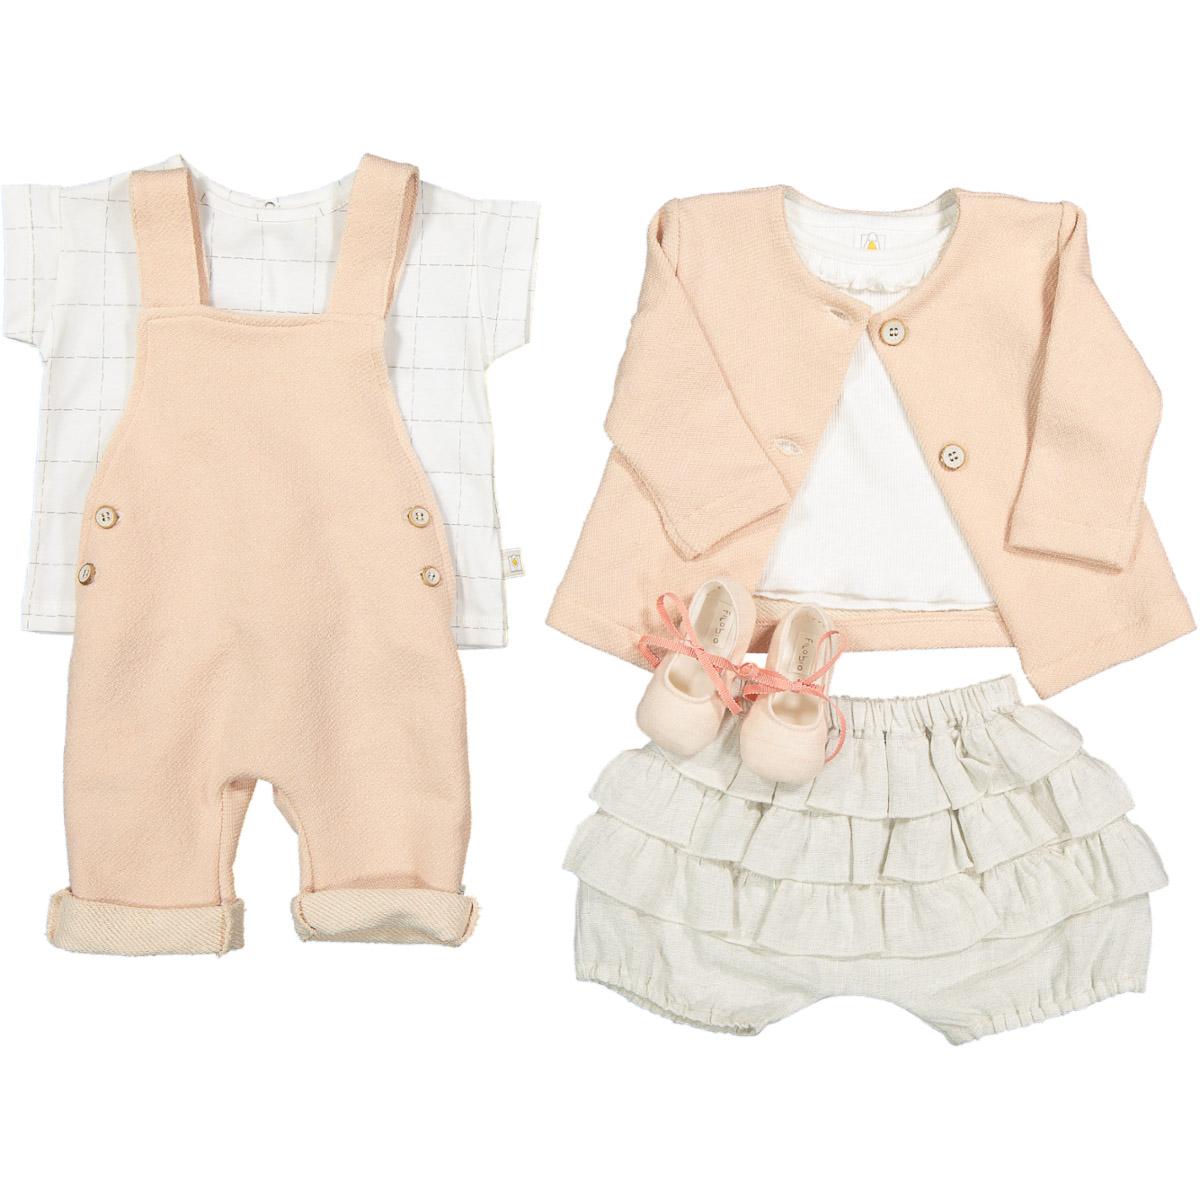 FILOBIO presenta la nuova collezione newborn per l'estate BAMBOO e LINO